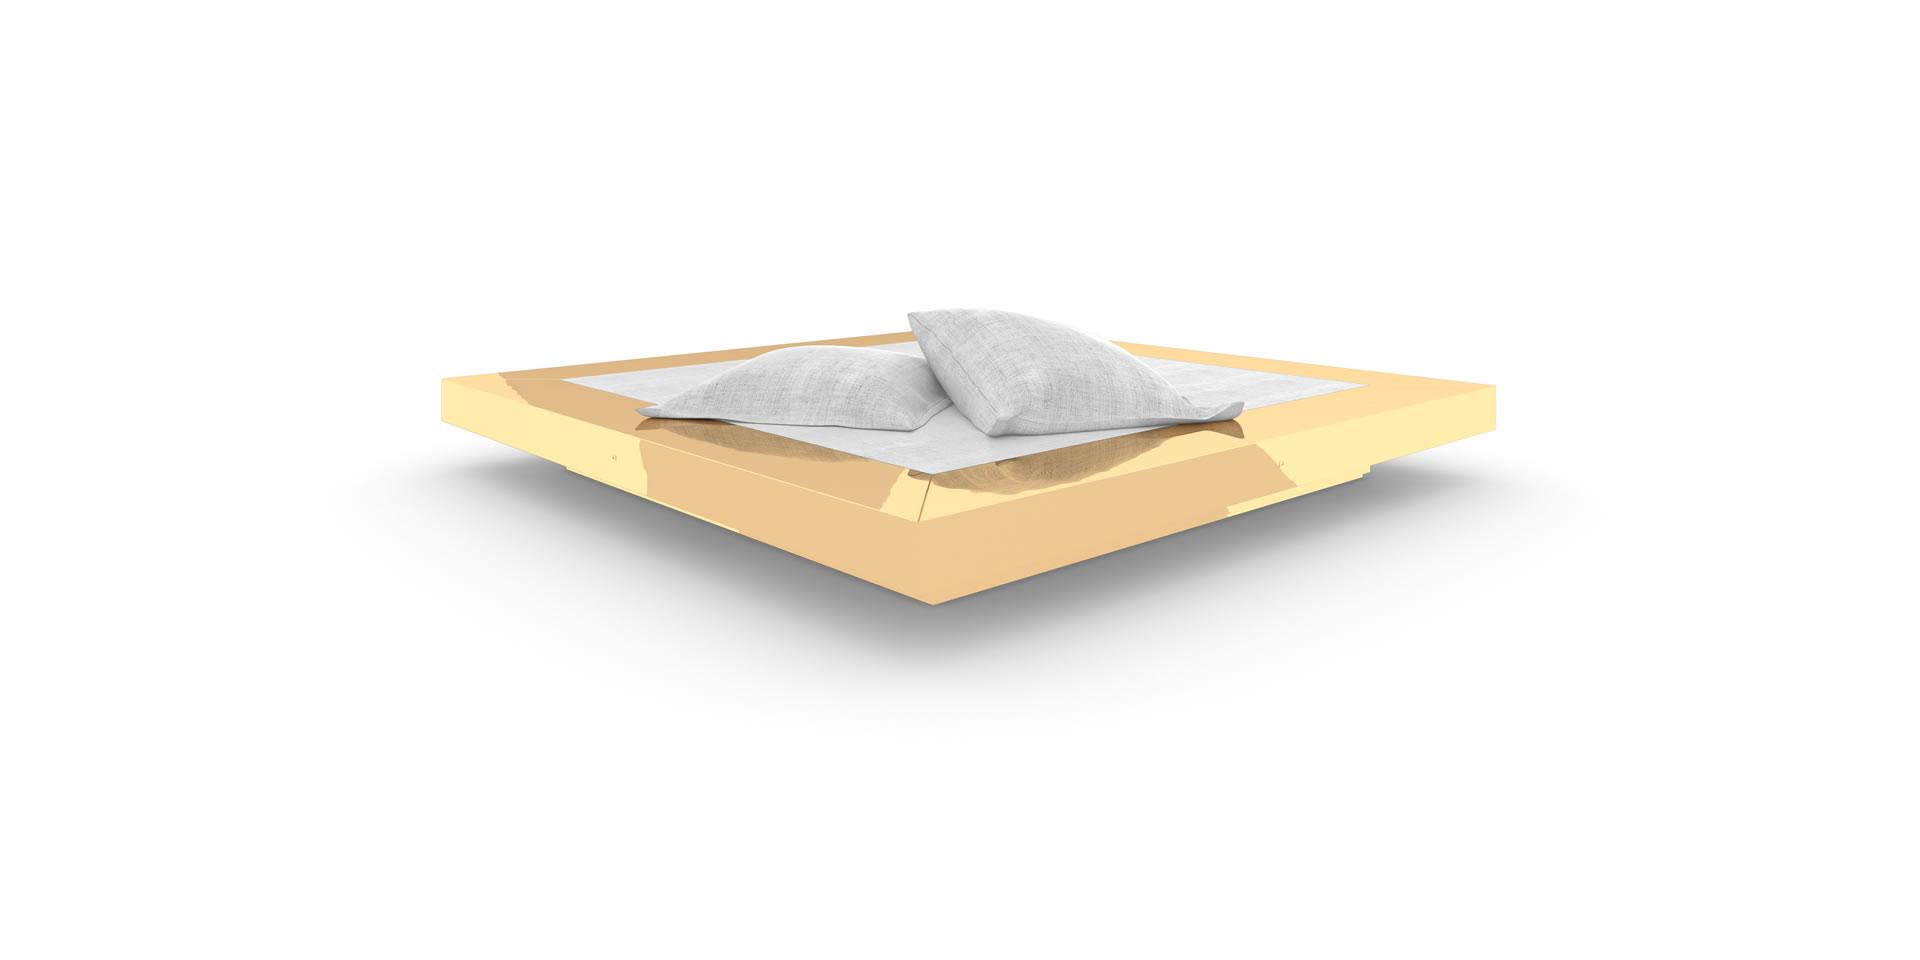 Full Size of Bett Minimalistisch Bed Ii Betten 100x200 Jabo 140x200 Weiß Trends Schwebendes Wildeiche Rundes Günstige 180x200 Schrank Badewanne Bette Modernes Bett Bett Minimalistisch